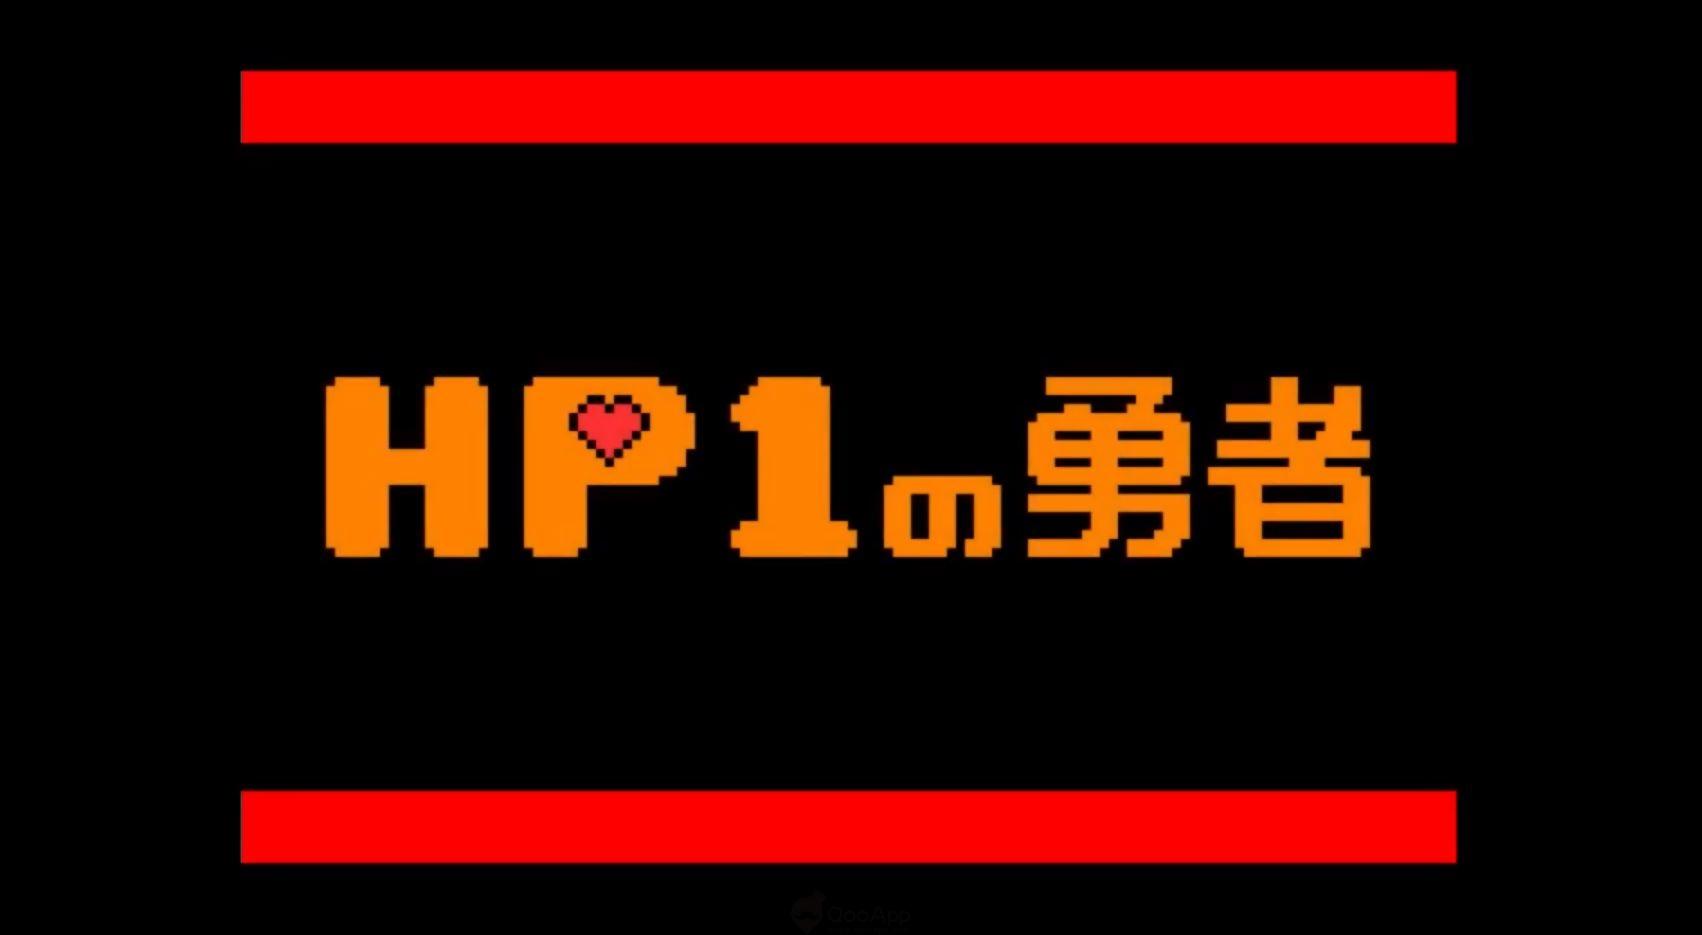 迴避或死亡!被魔王詛咒的《HP1的勇者》開放下載!